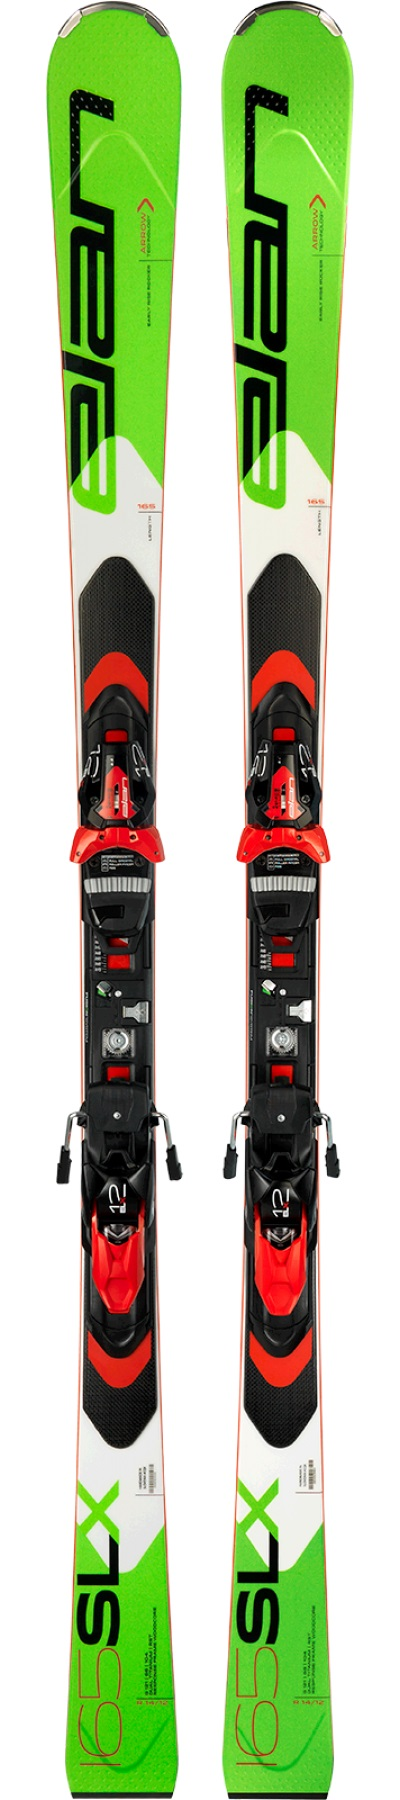 Горные лыжи с креплениями Elan 2017-18 SLX ELX 12 Fusion (см:160) - артикул: 971980420